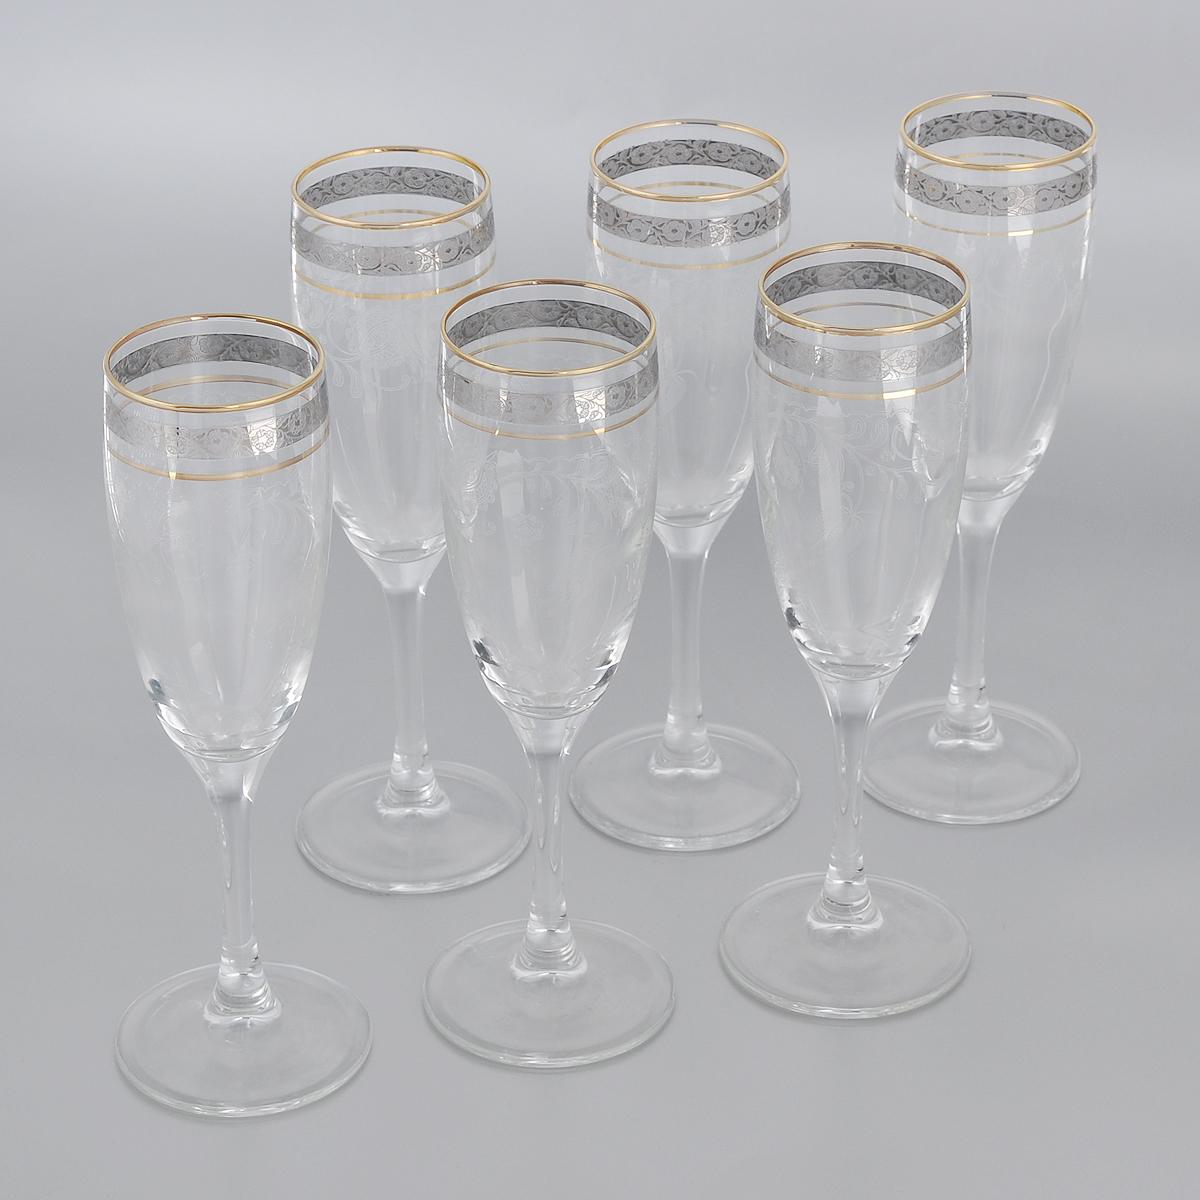 Набор бокалов Гусь-Хрустальный Нежность, 170 мл, 6 шт набор бокалов для бренди гусь хрустальный версаче 400 мл 6 шт